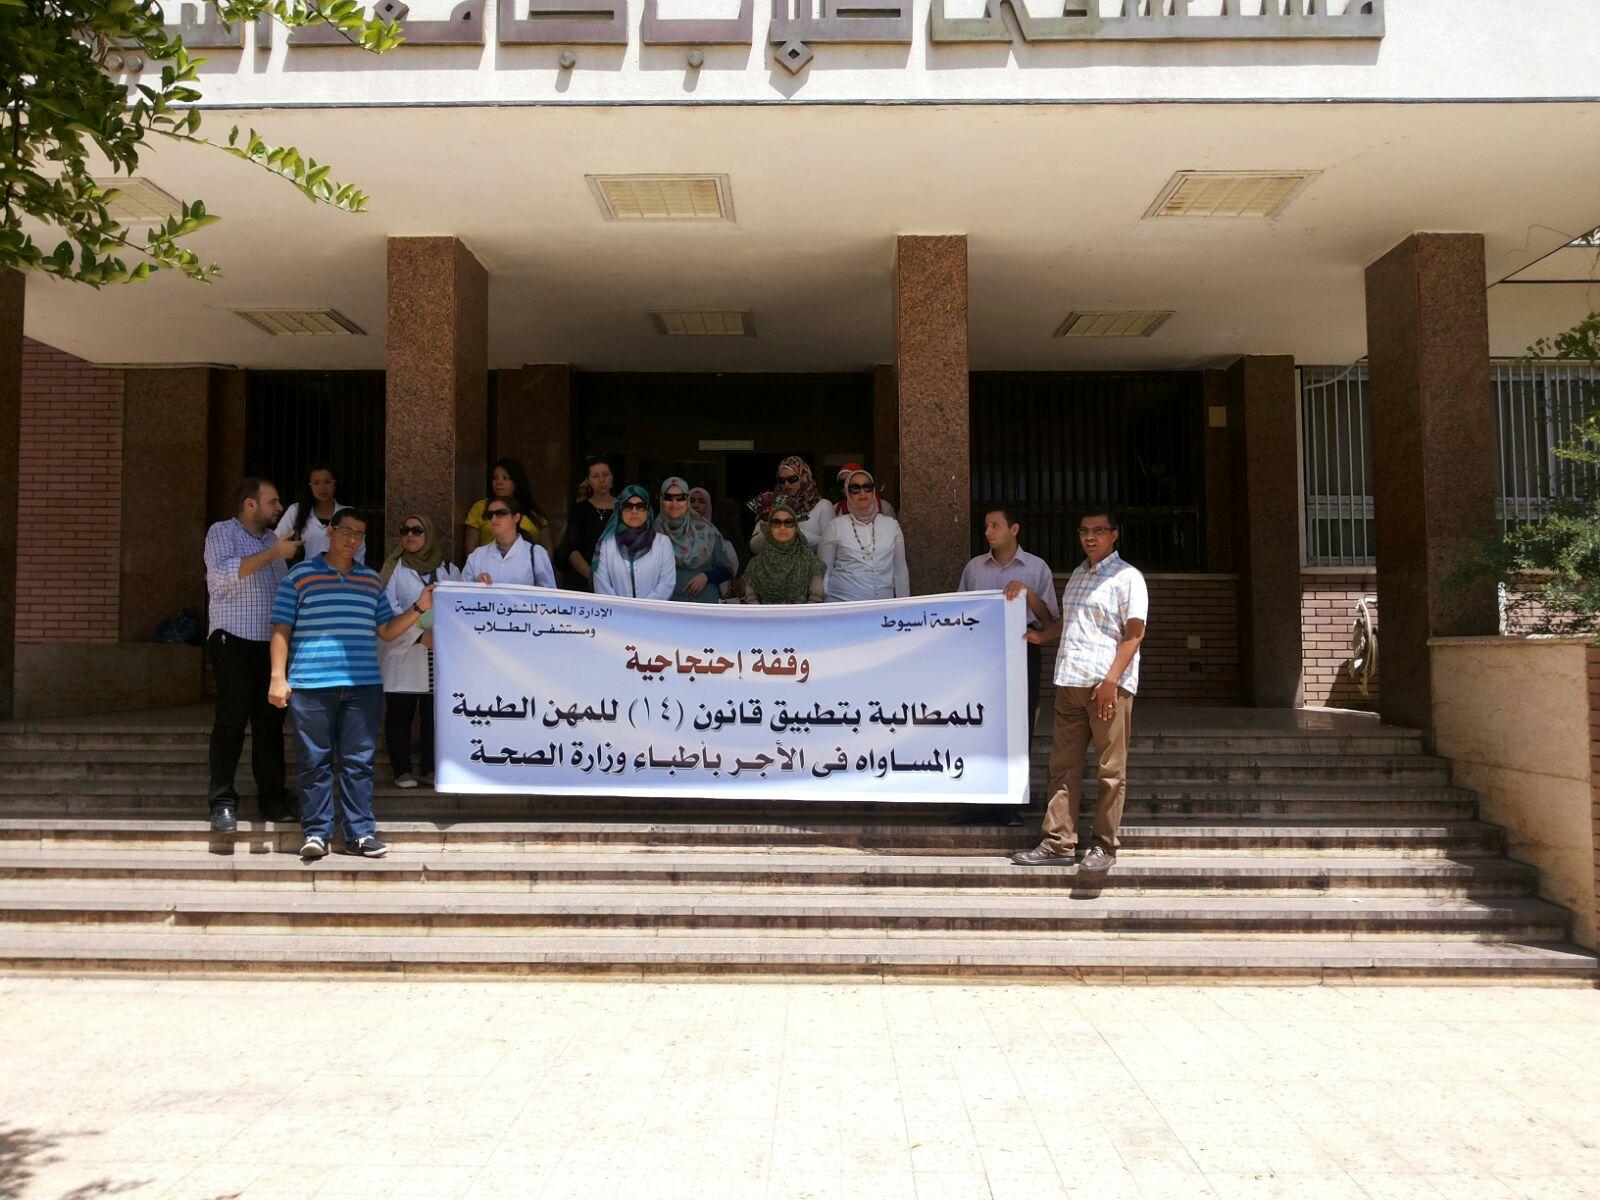 وقفة أطباء مستشفى جامعة أسيوط للمطالبة بمساواة بأجور «الصحة».. وضمهم للقانون 14